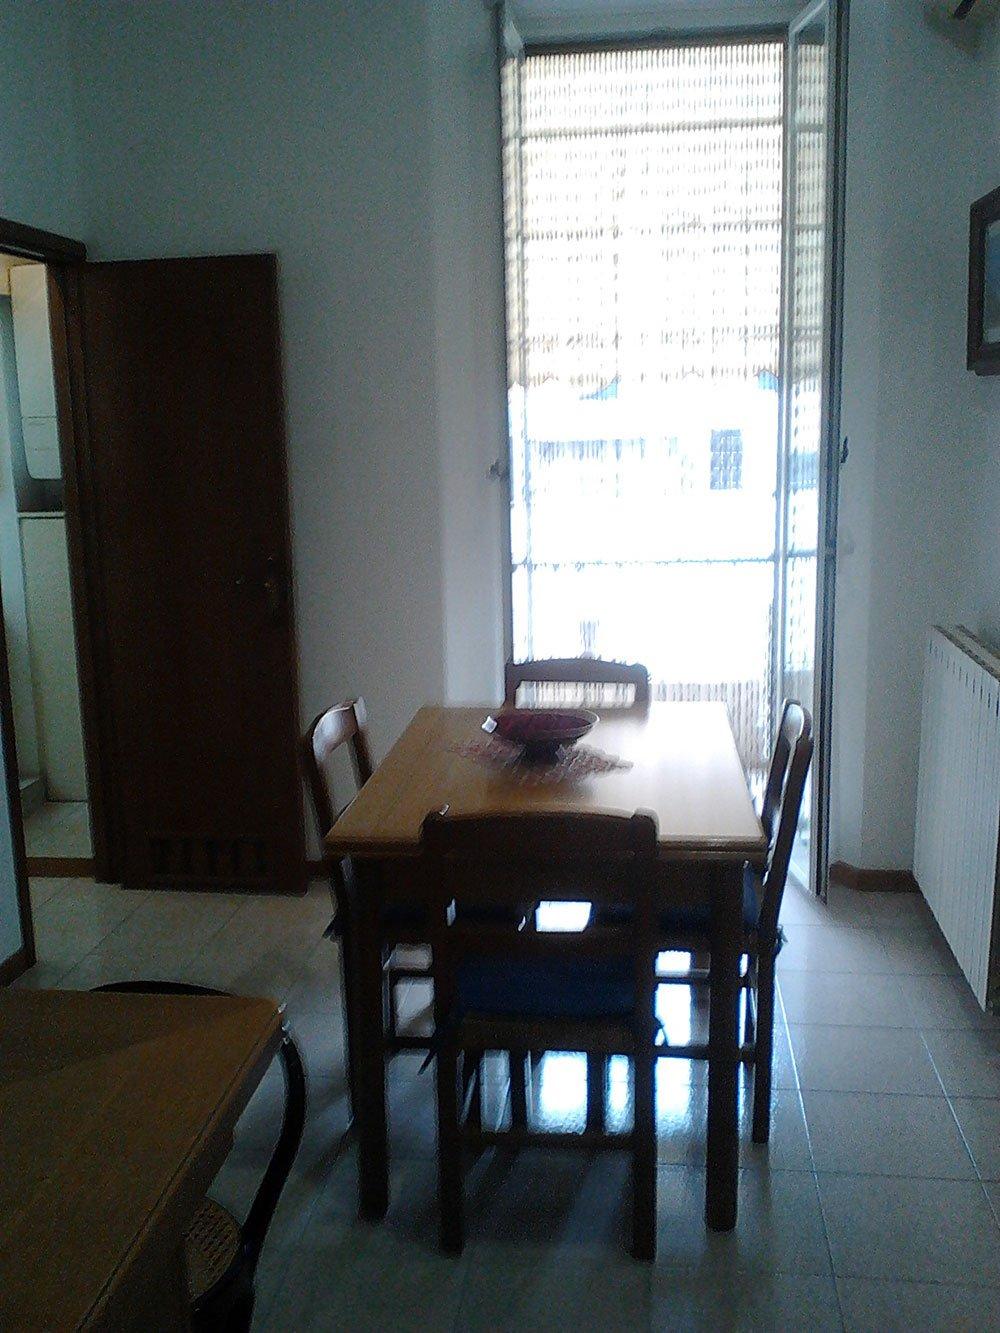 una cucina con un tavolo rettangolare in legno con delle sedie